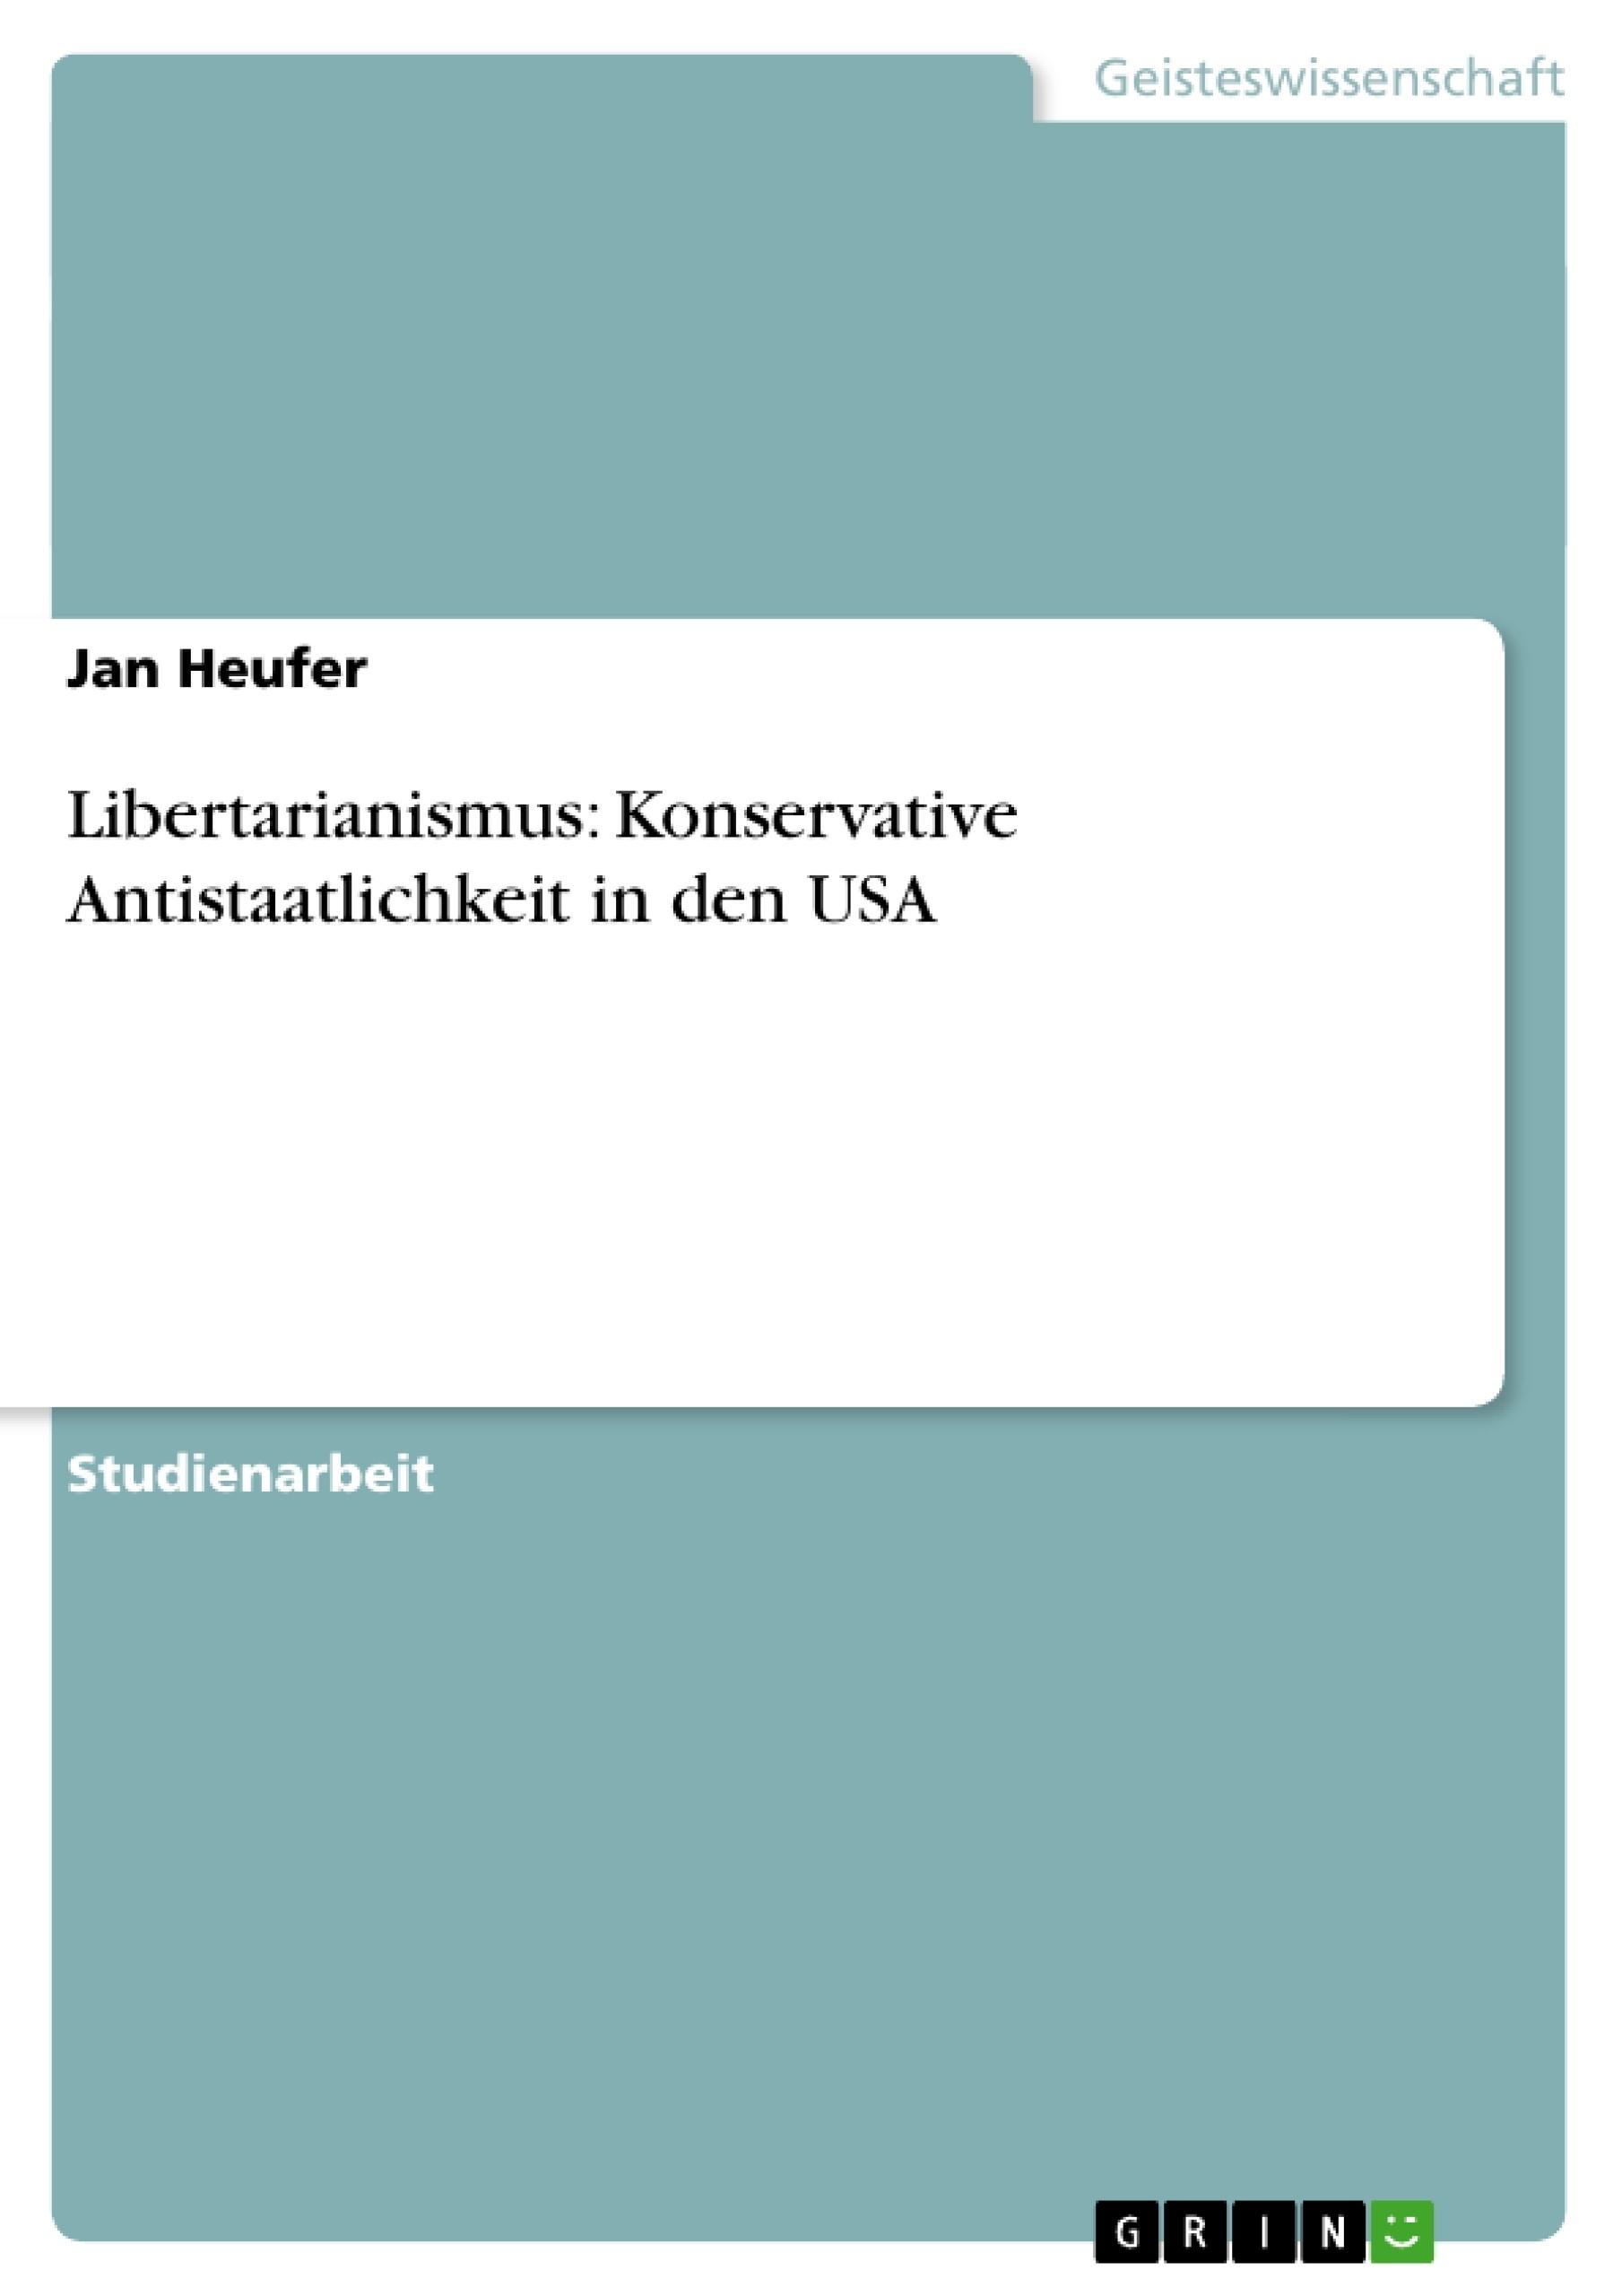 Titel: Libertarianismus: Konservative Antistaatlichkeit in den USA